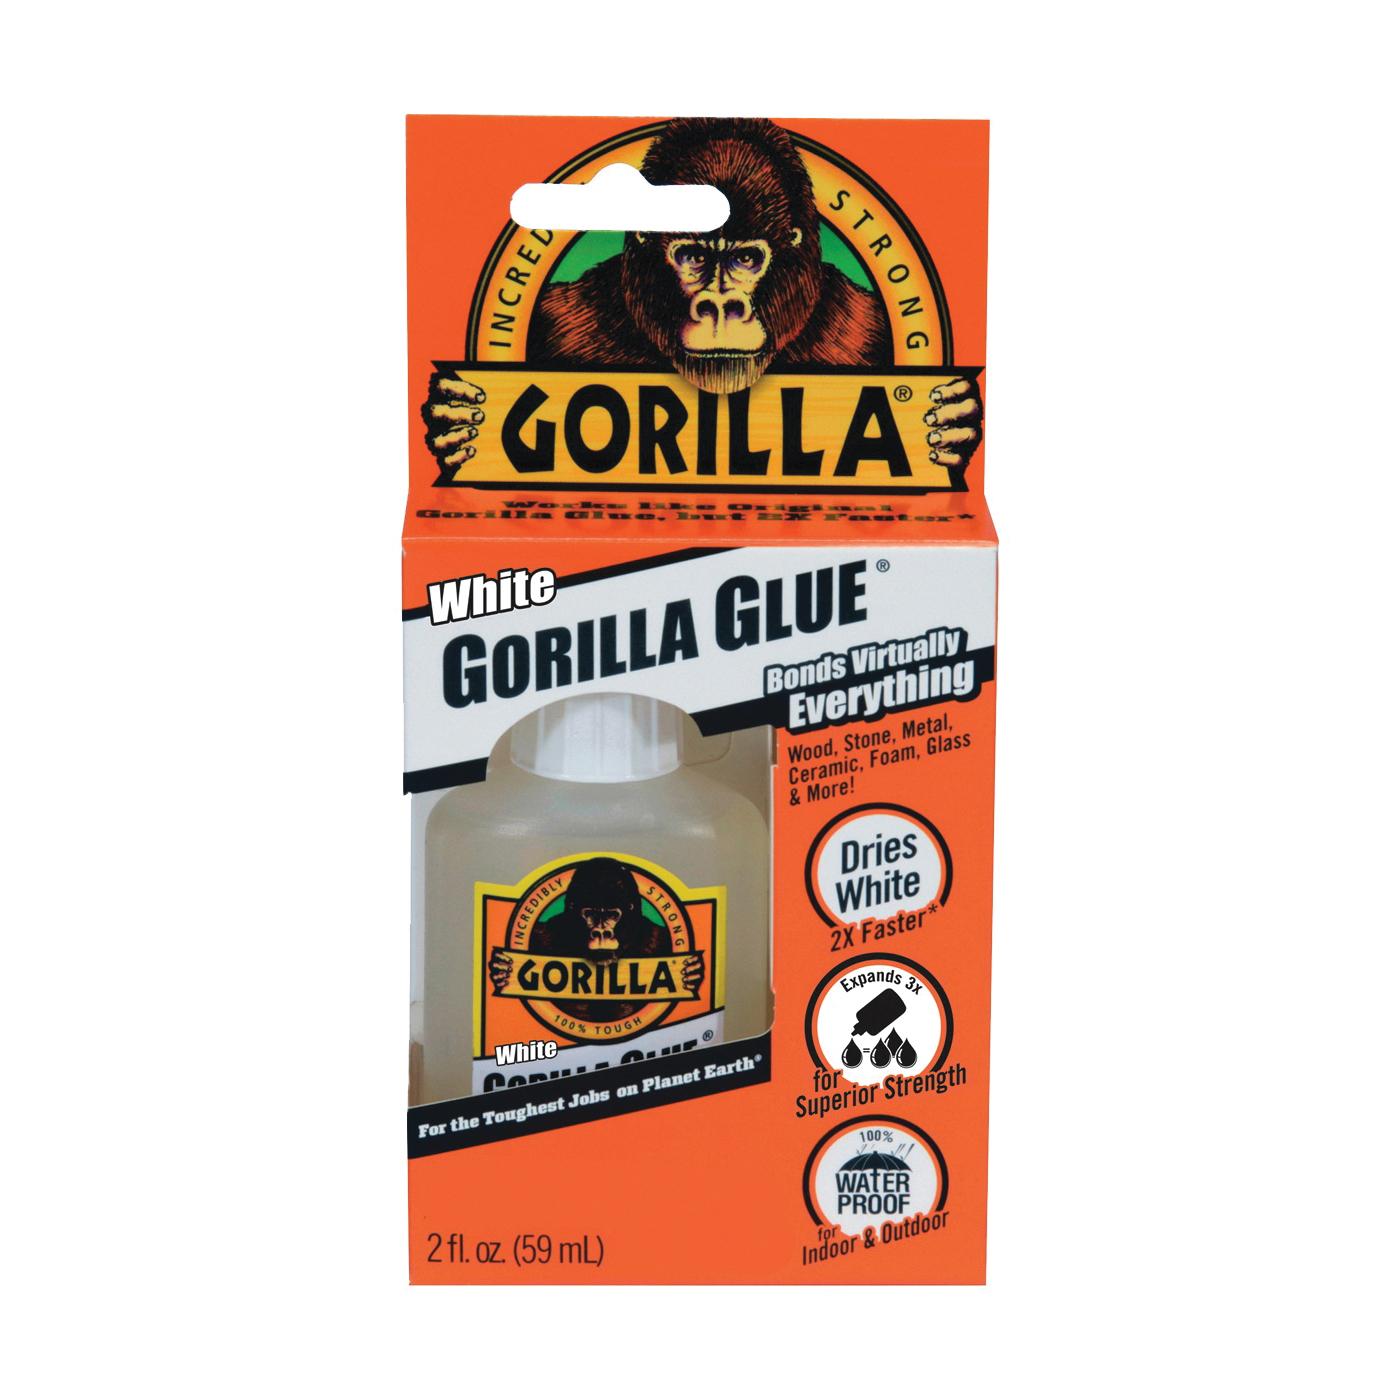 Gorilla 5201205